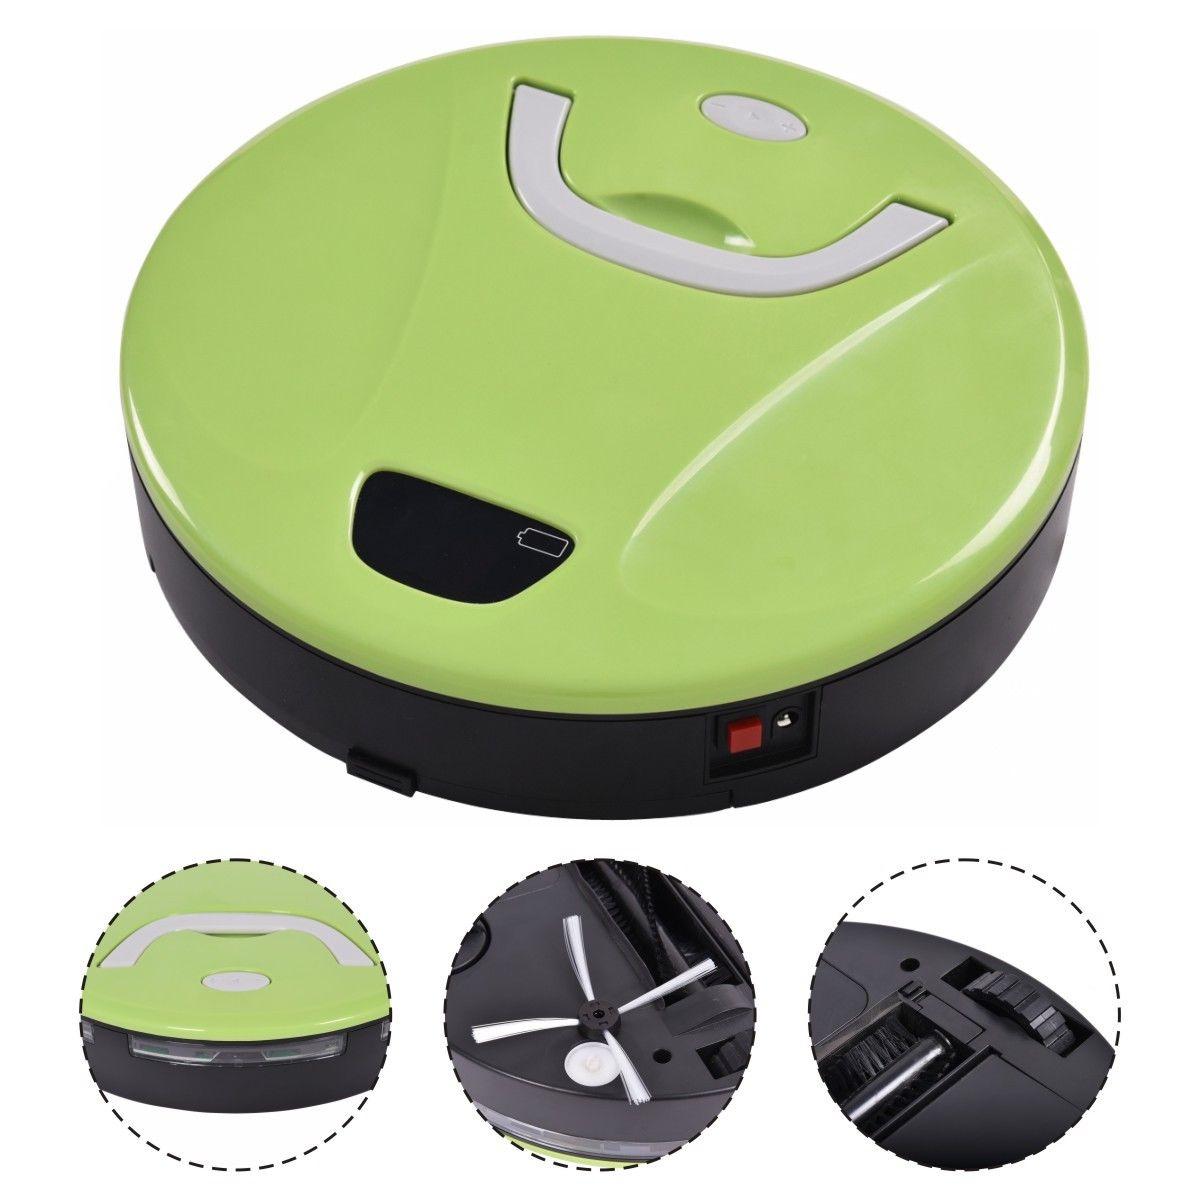 Costway Green Smart Cleaning Robotic Automatic Floor Clea...